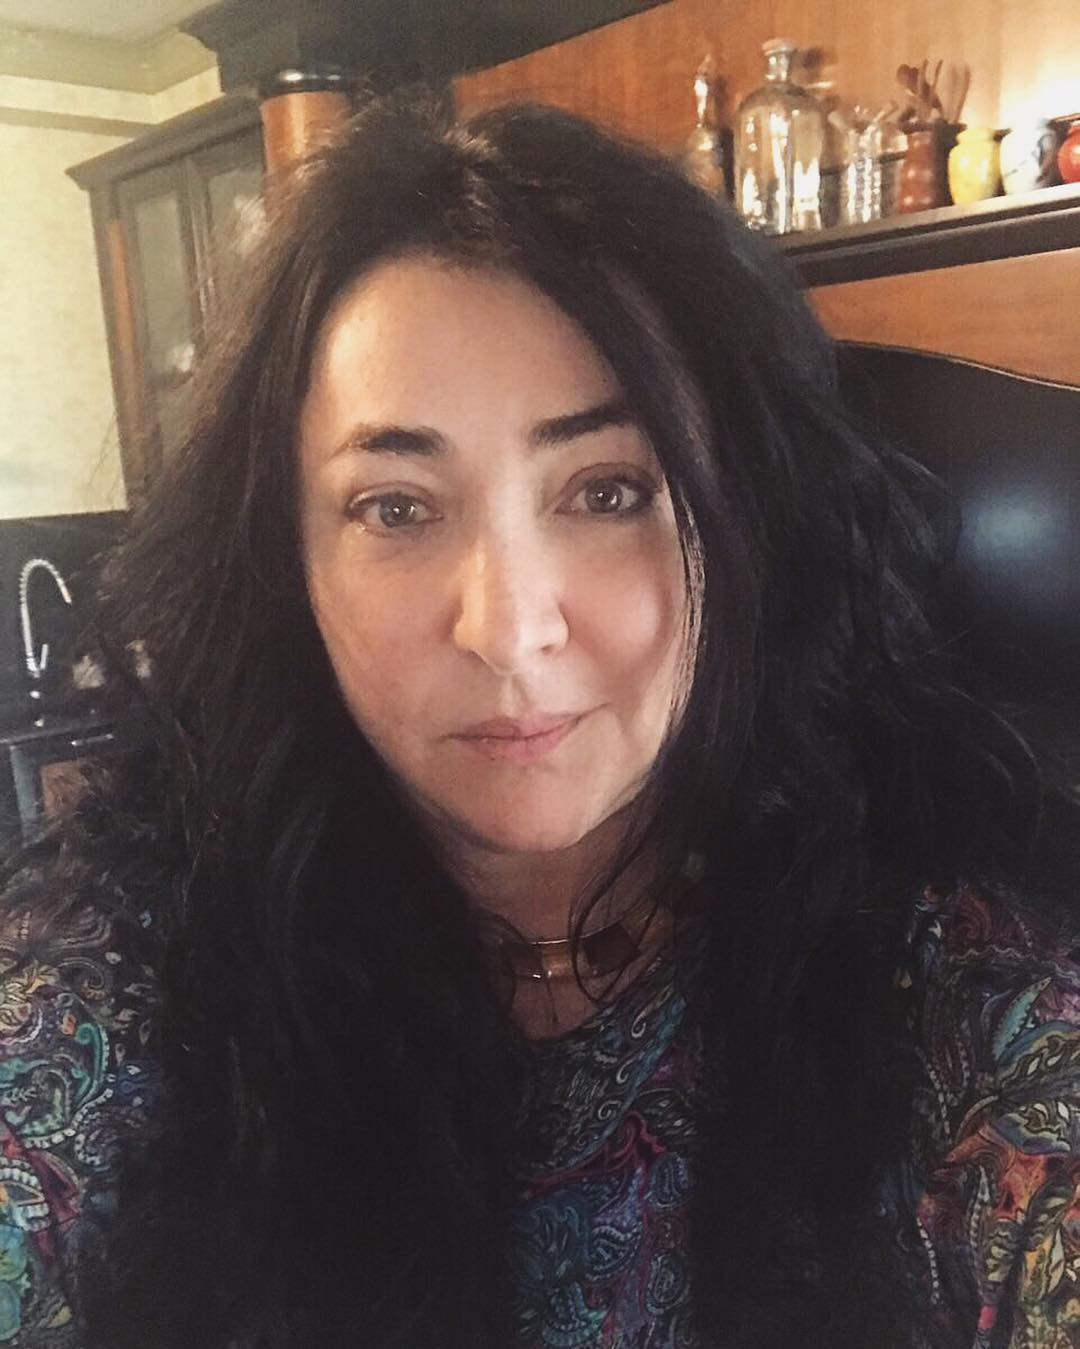 Сам виноват! Лолита Милявская готова подать в суд на бывшего мужа за клевету